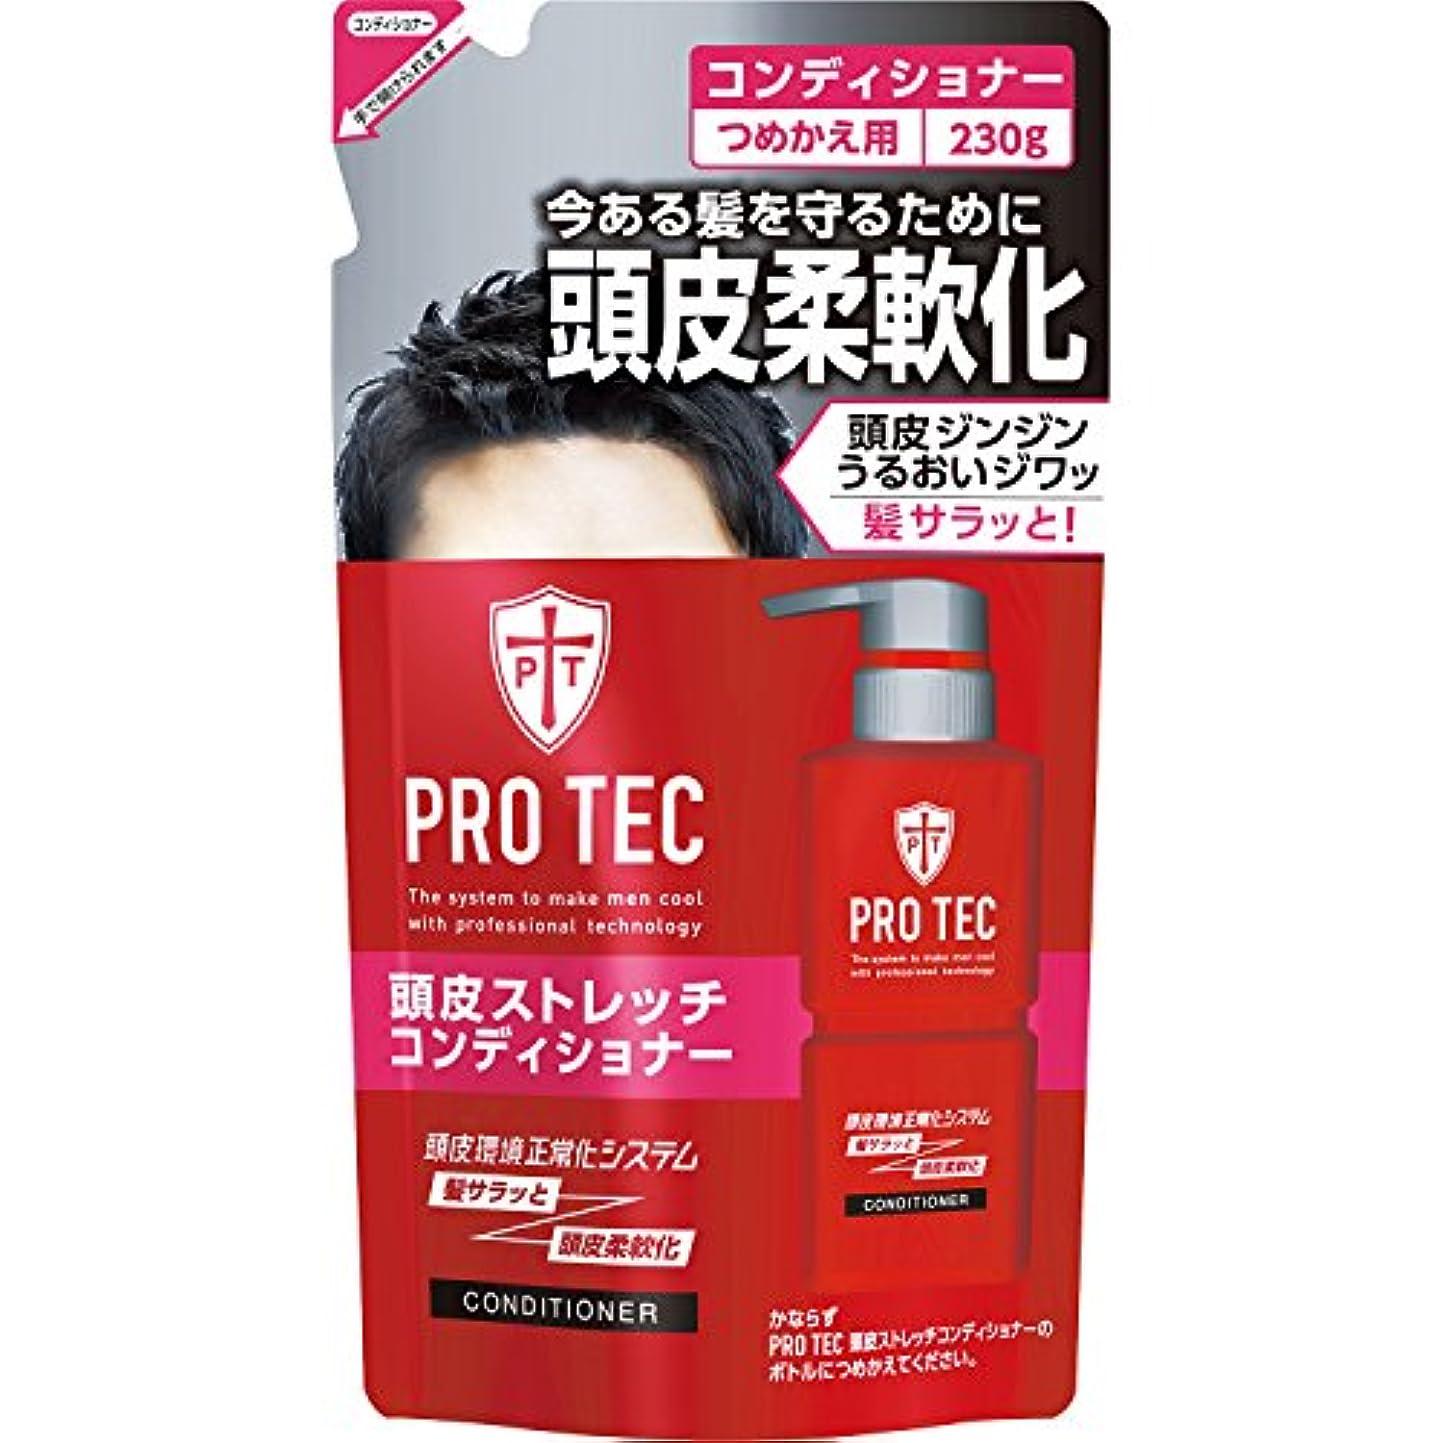 到着ほのかブローホールPRO TEC(プロテク) 頭皮ストレッチ コンディショナー 詰め替え 230g